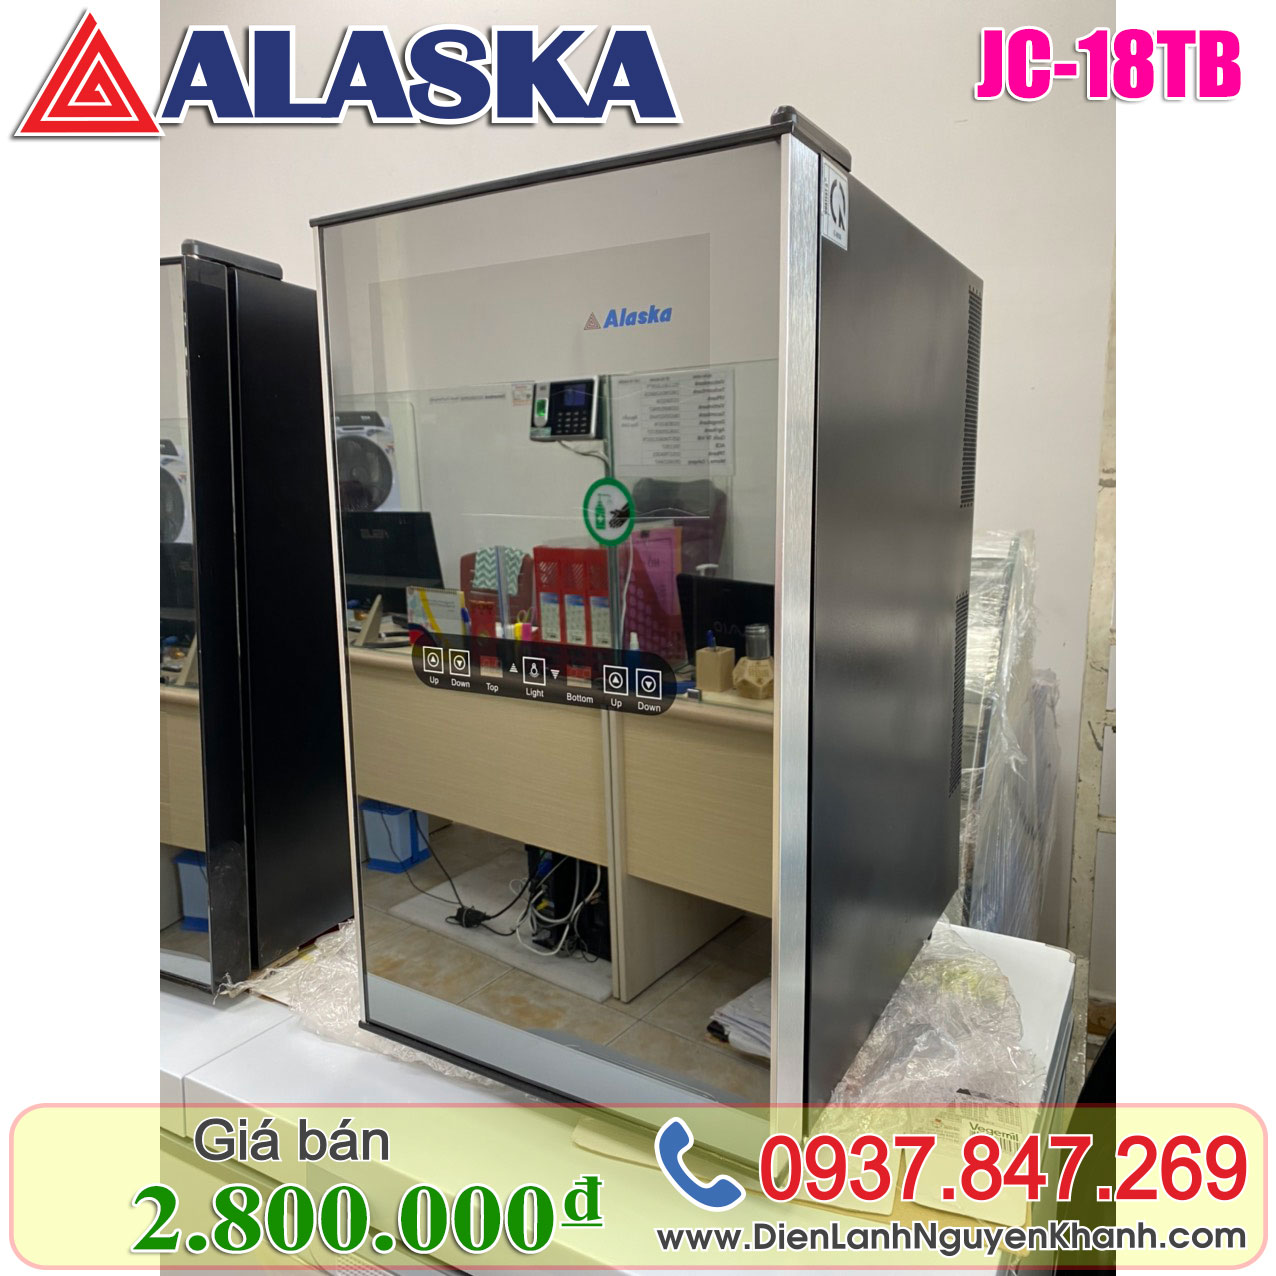 Tủ ướp rượu vang Alaska JC-18TB